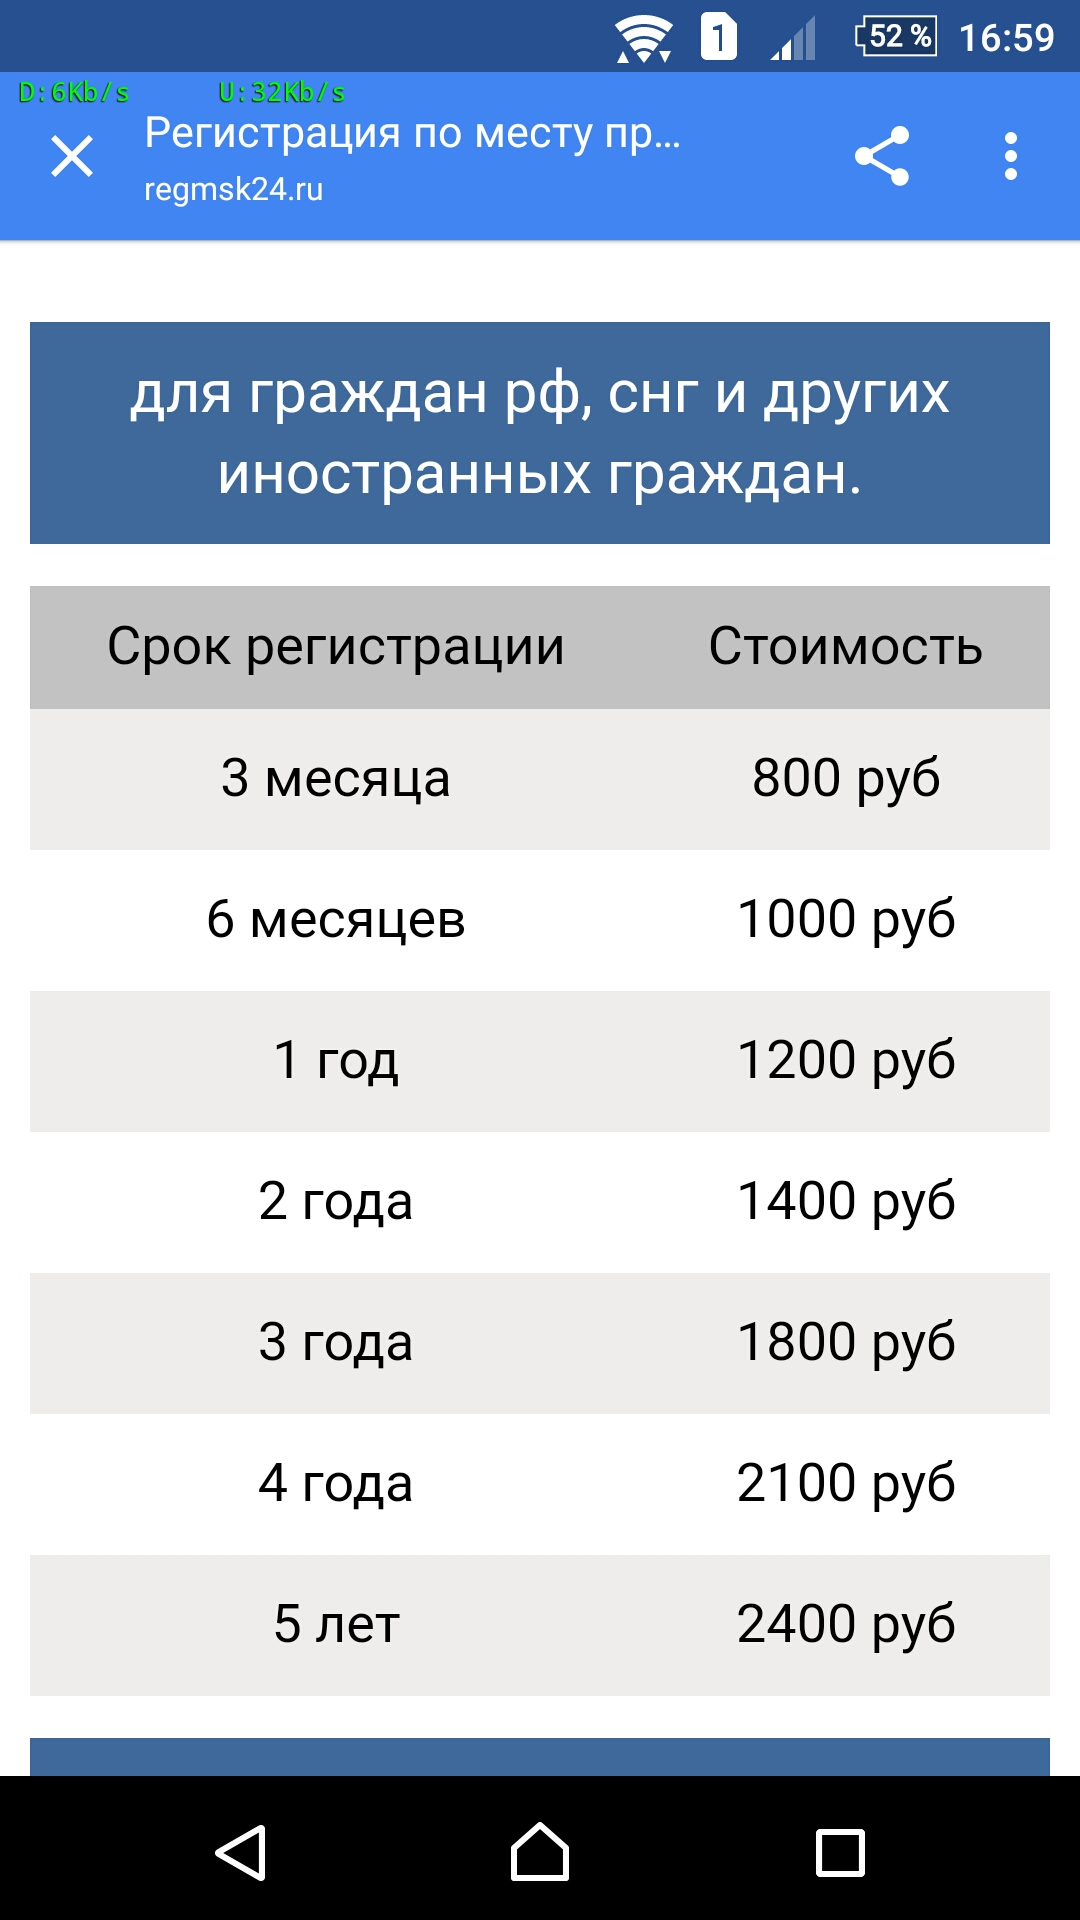 Форумы москва временная регистрация временная регистрация в москве граждан армении